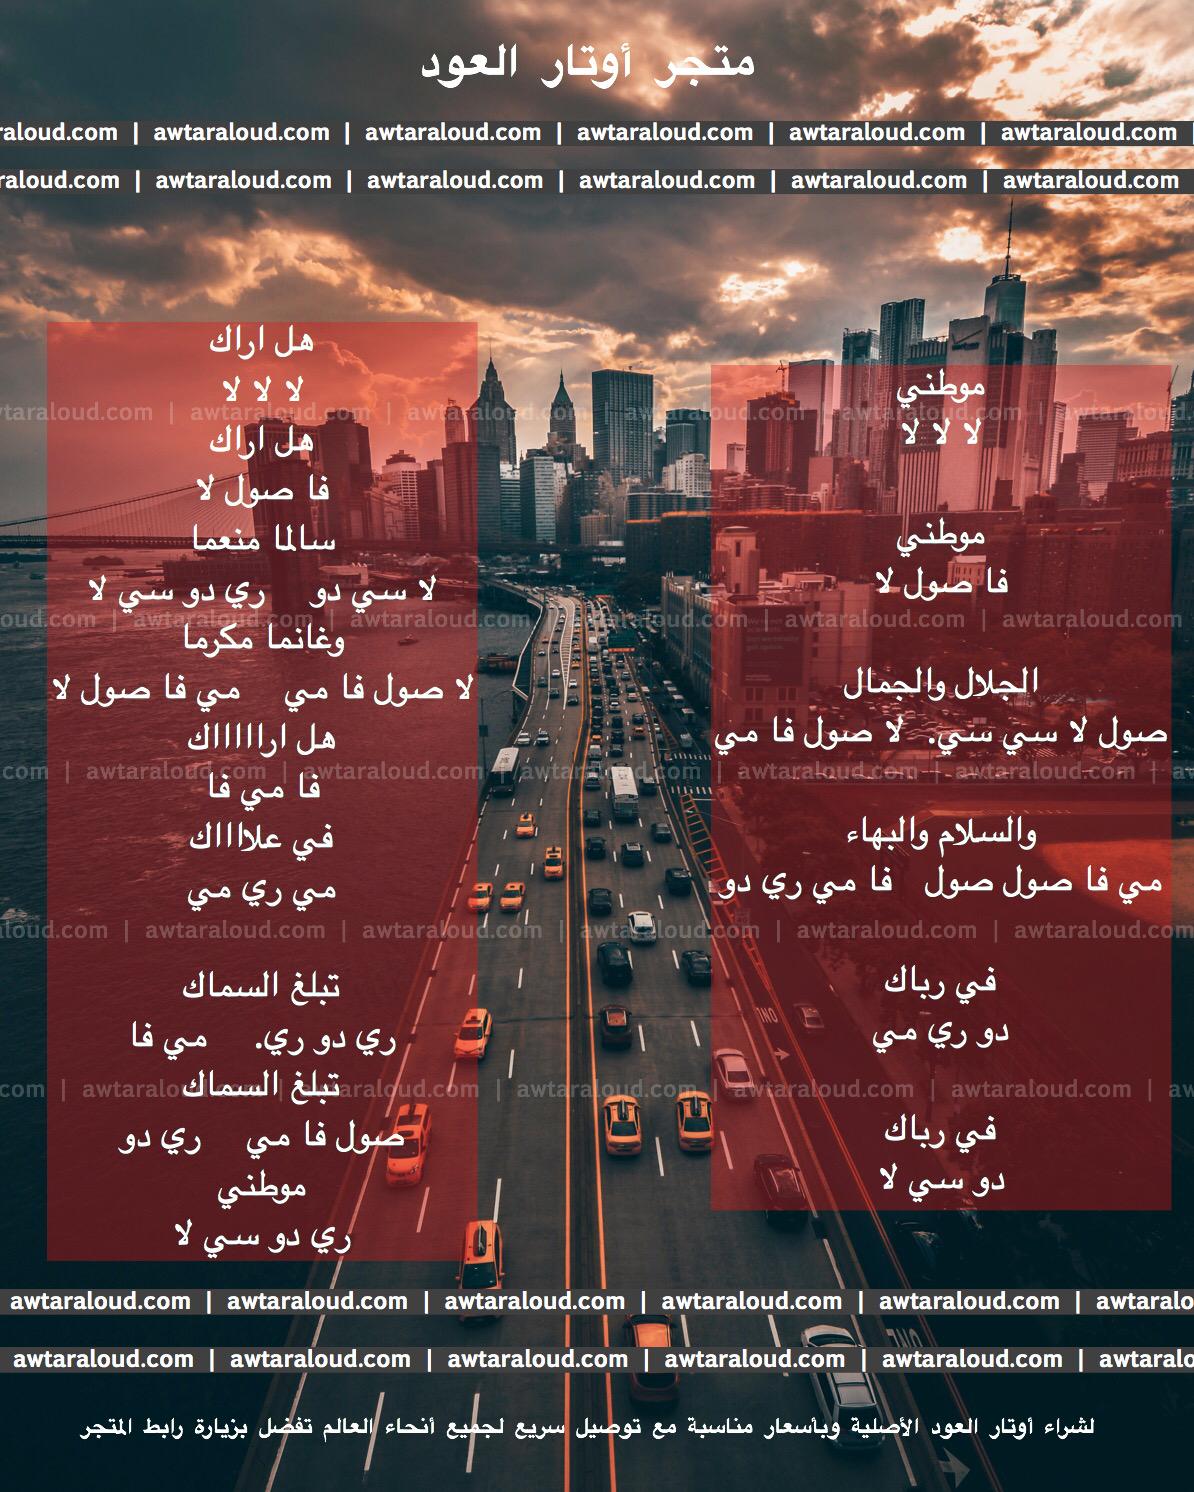 نوتات اغاني عربية Youtube